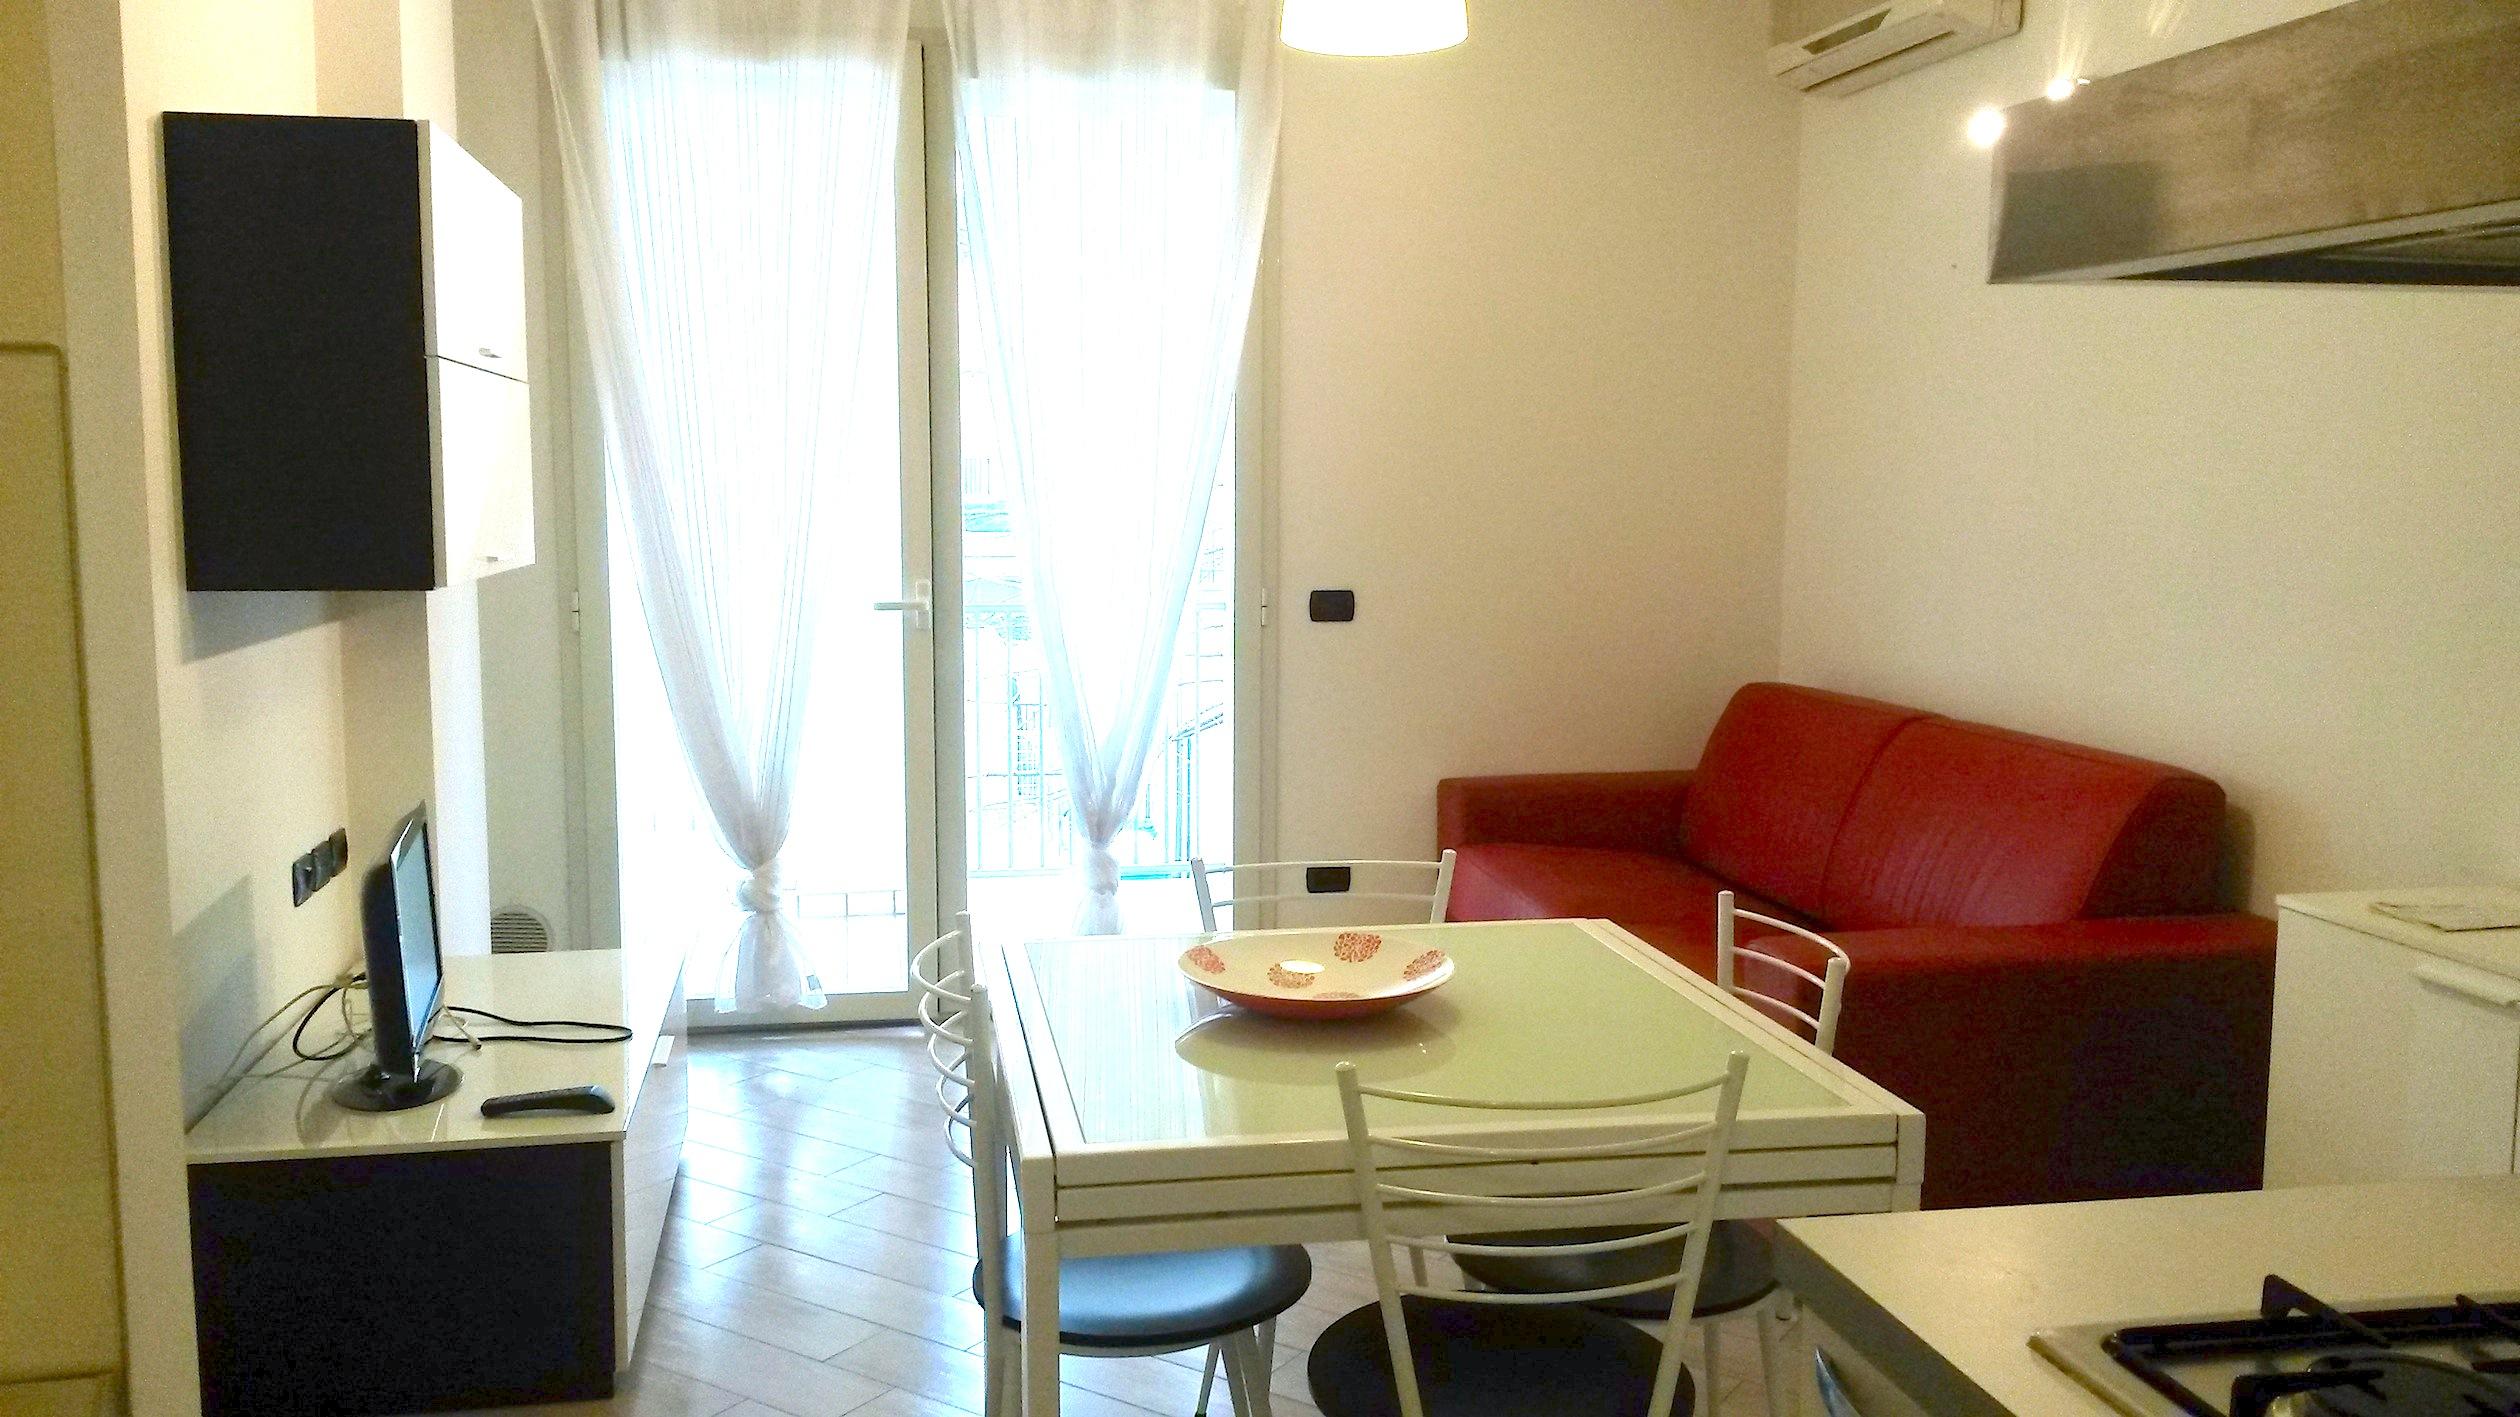 RICCIONE ALBA, Appartamento in affitto stagionale nuovo con terrazzo